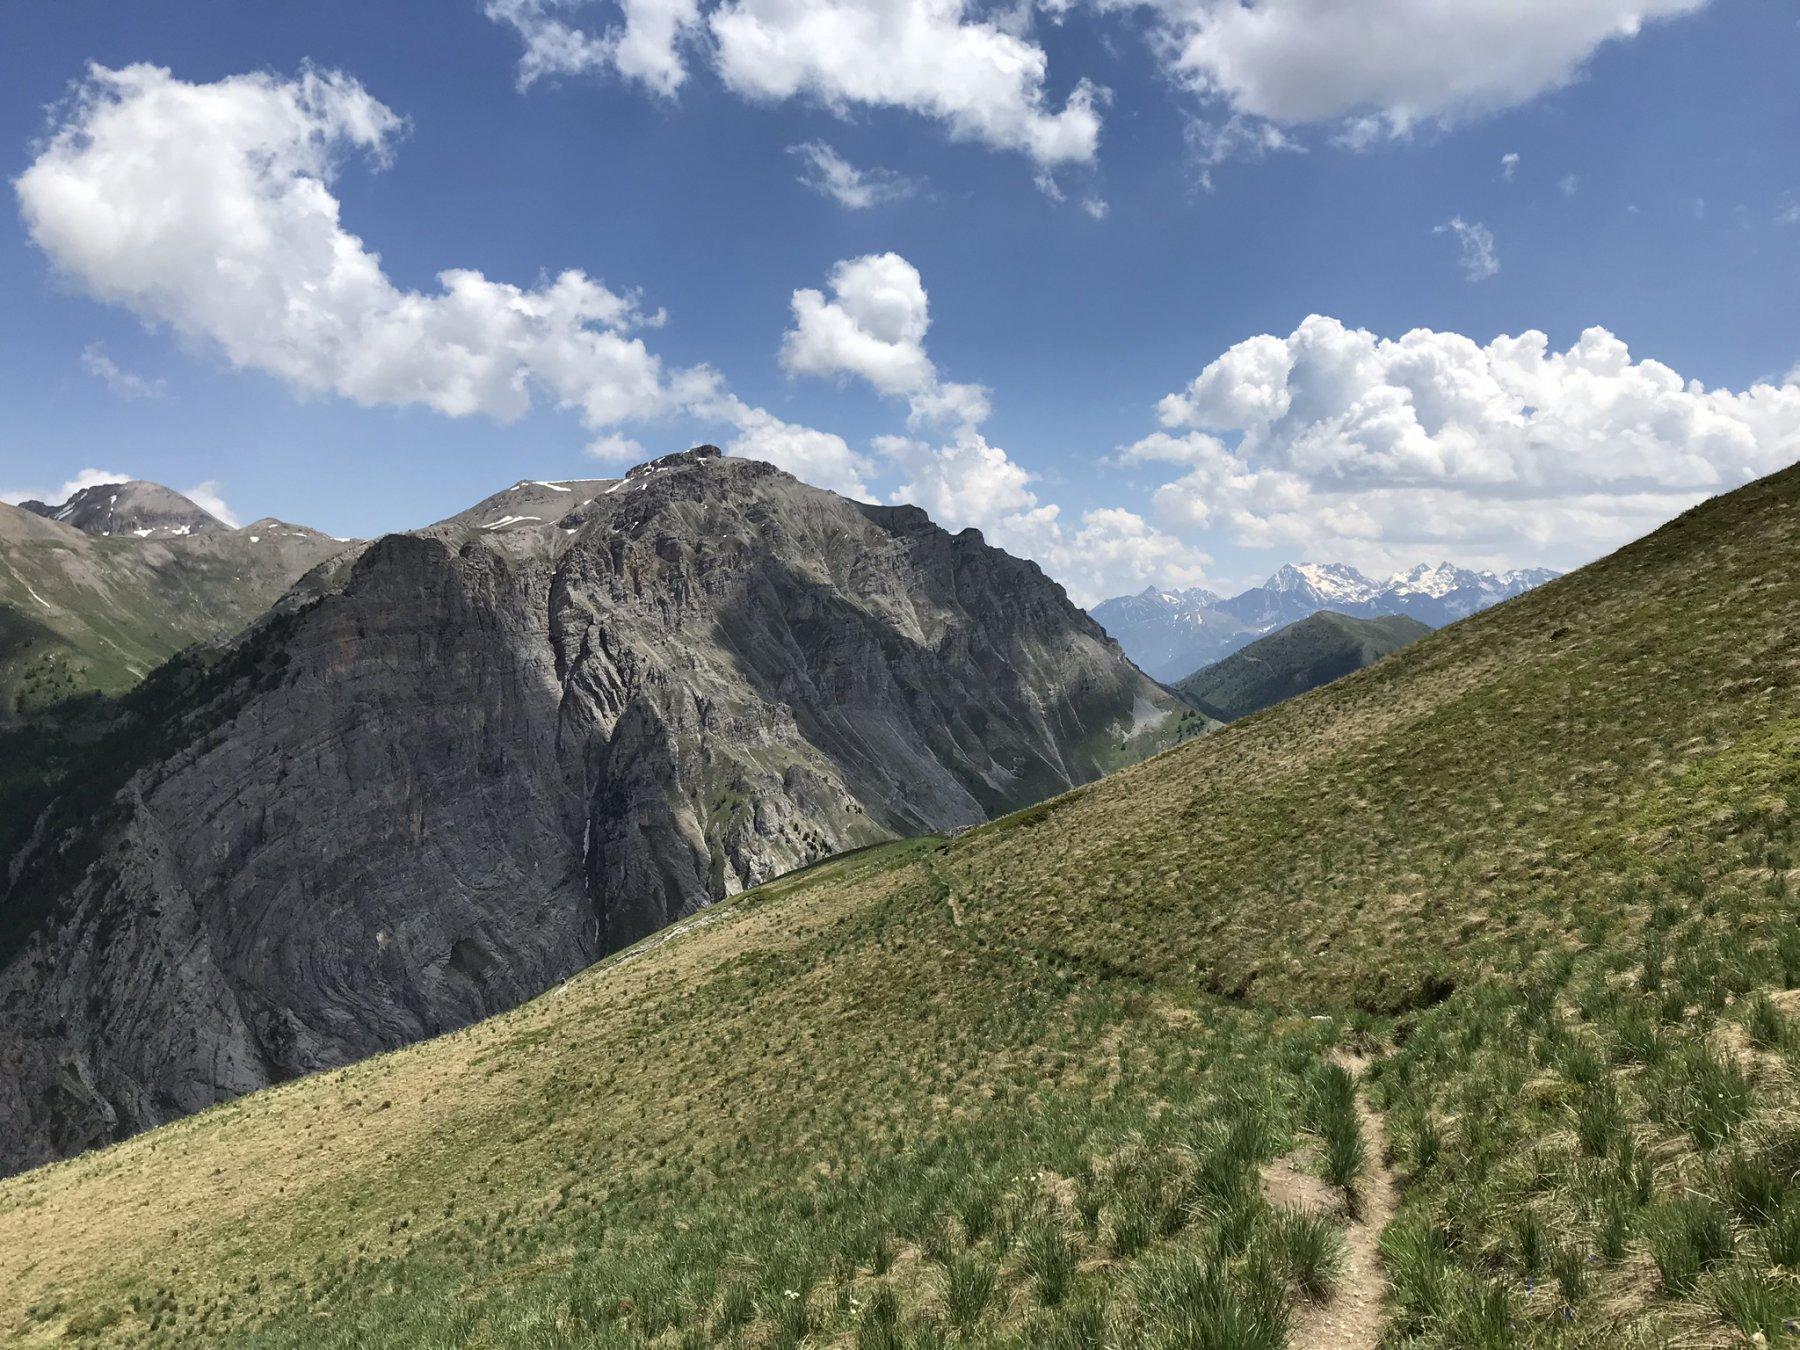 Bersaio (Monte) da Sambuco per il Vallone della Madonna, possibile anello 2019-06-19